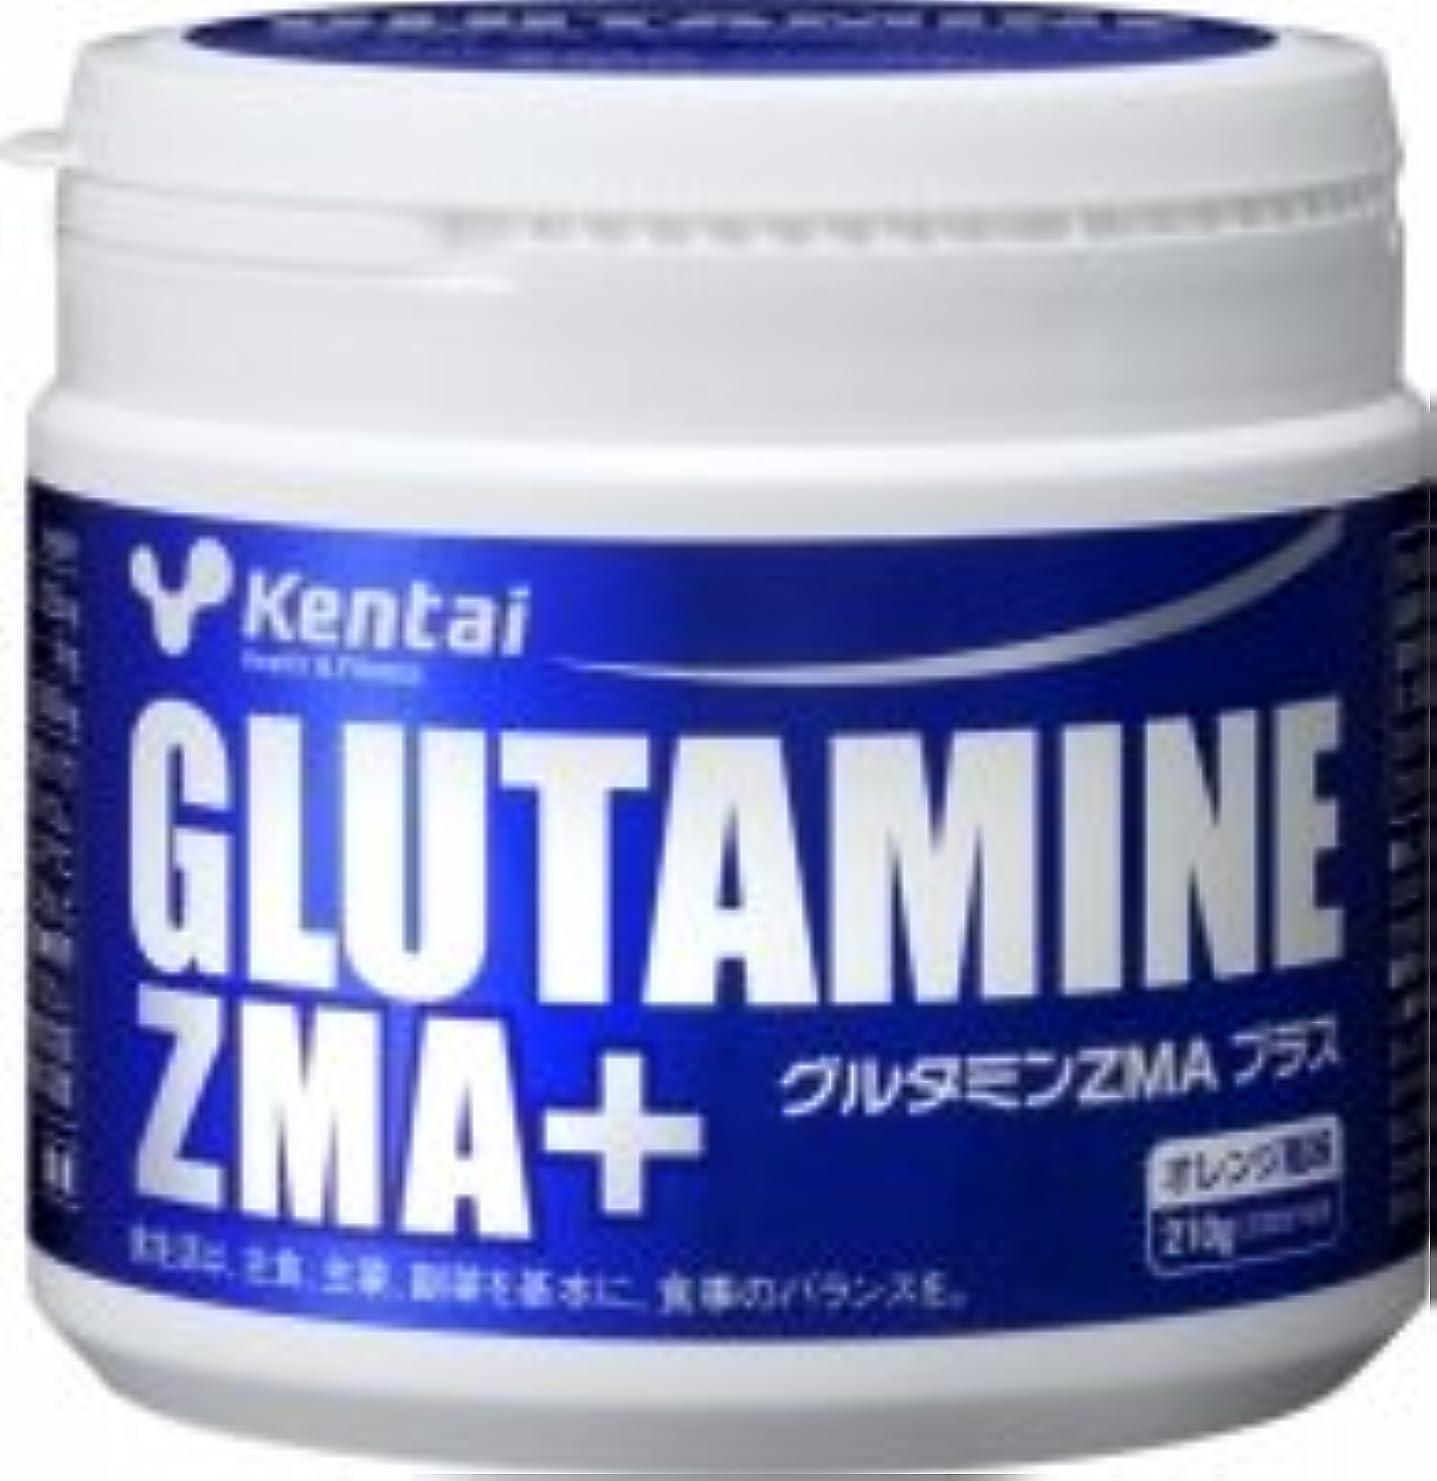 くぼみ故障コンテスト【健康体力研究所 (Kentai)】 グルタミンZMAプラス 210g